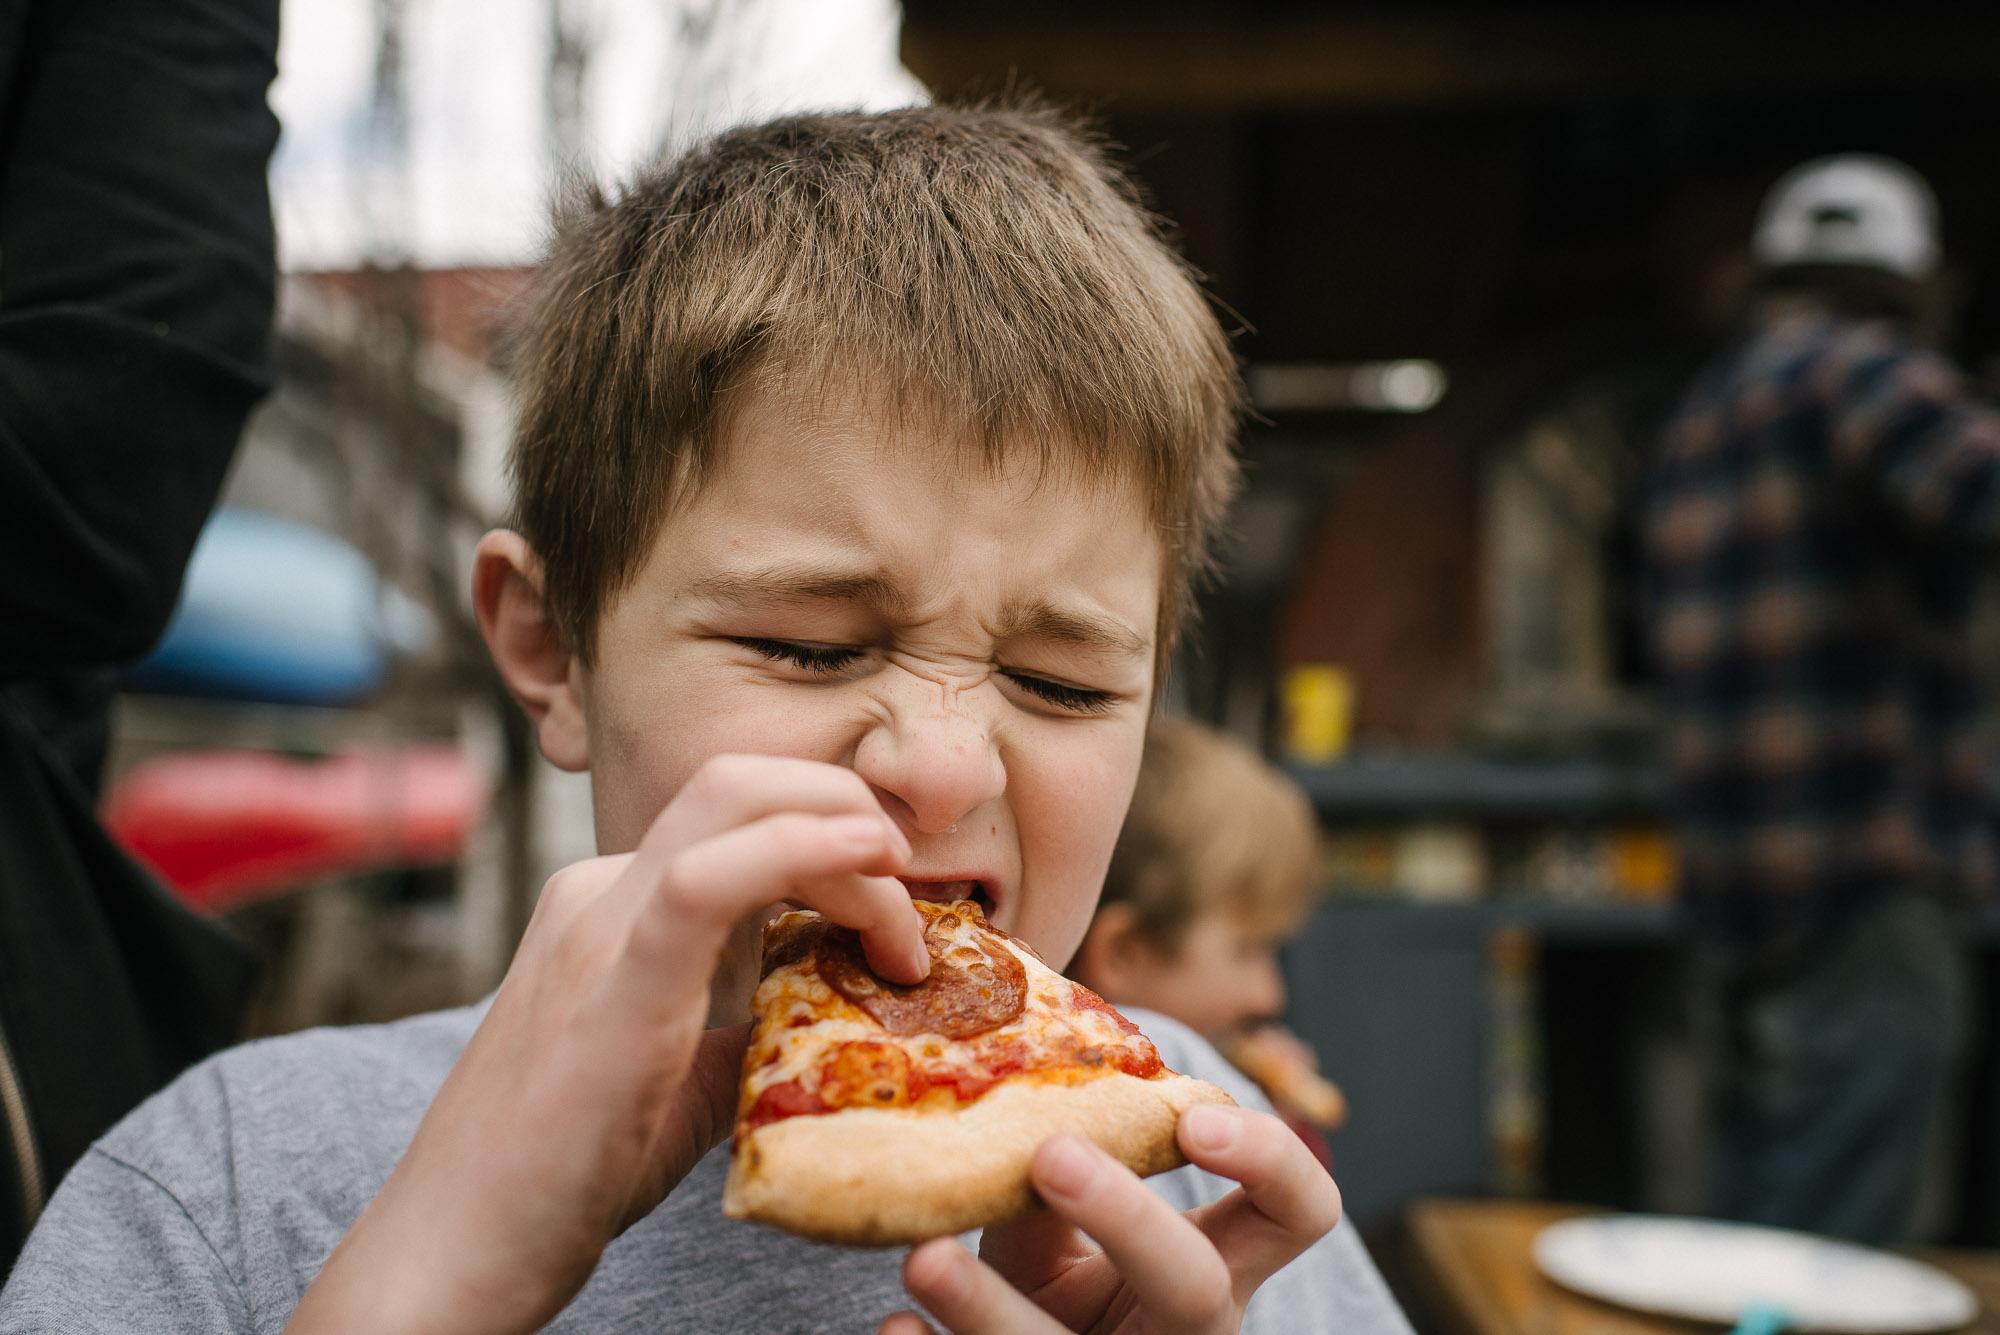 boy eats pizza